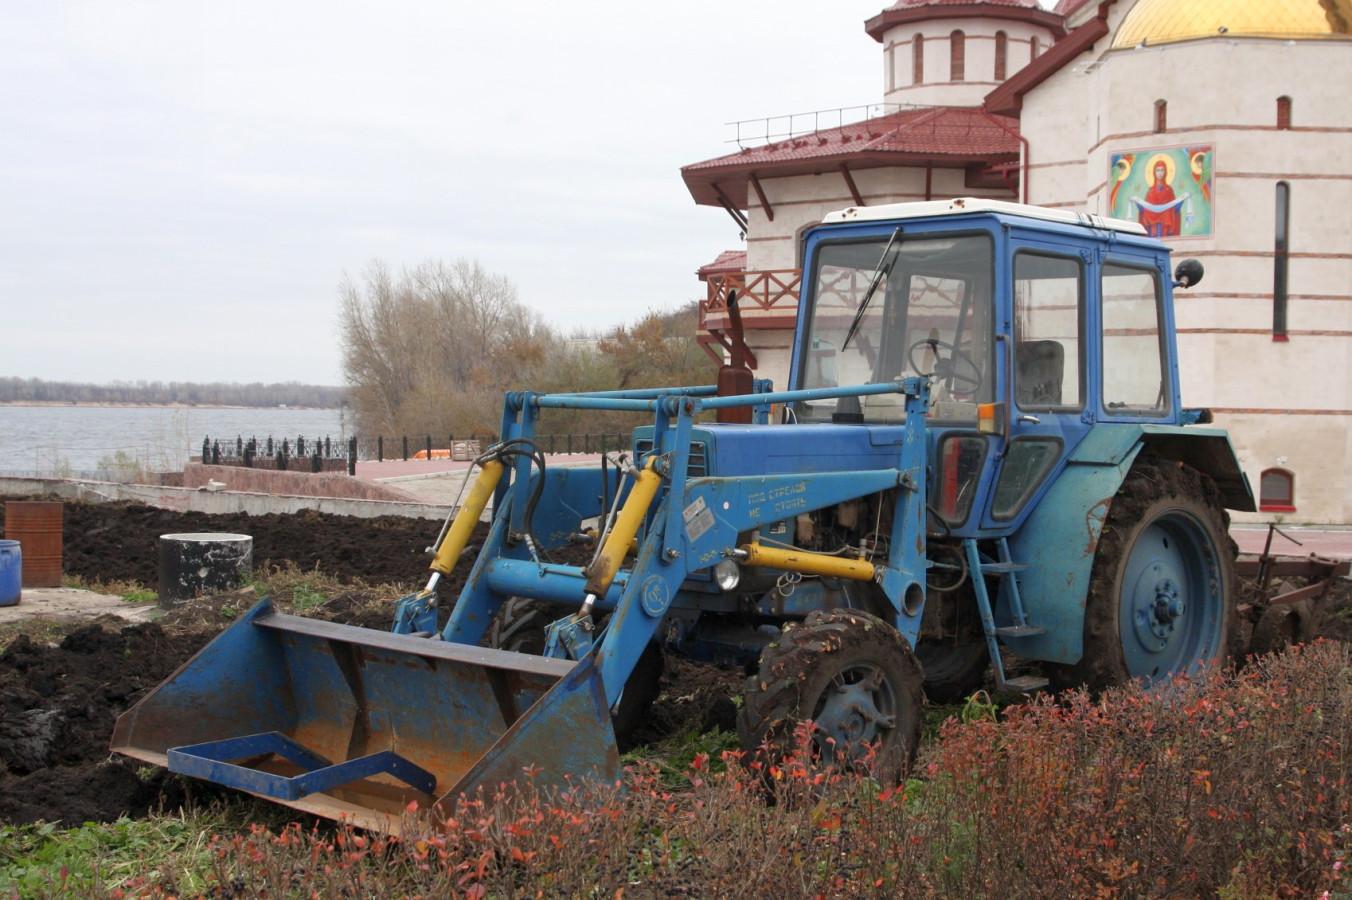 Фронтальный погрузчик на базе трактора МТЗ-80 . Самарская область, село Винновка (Монастырь)